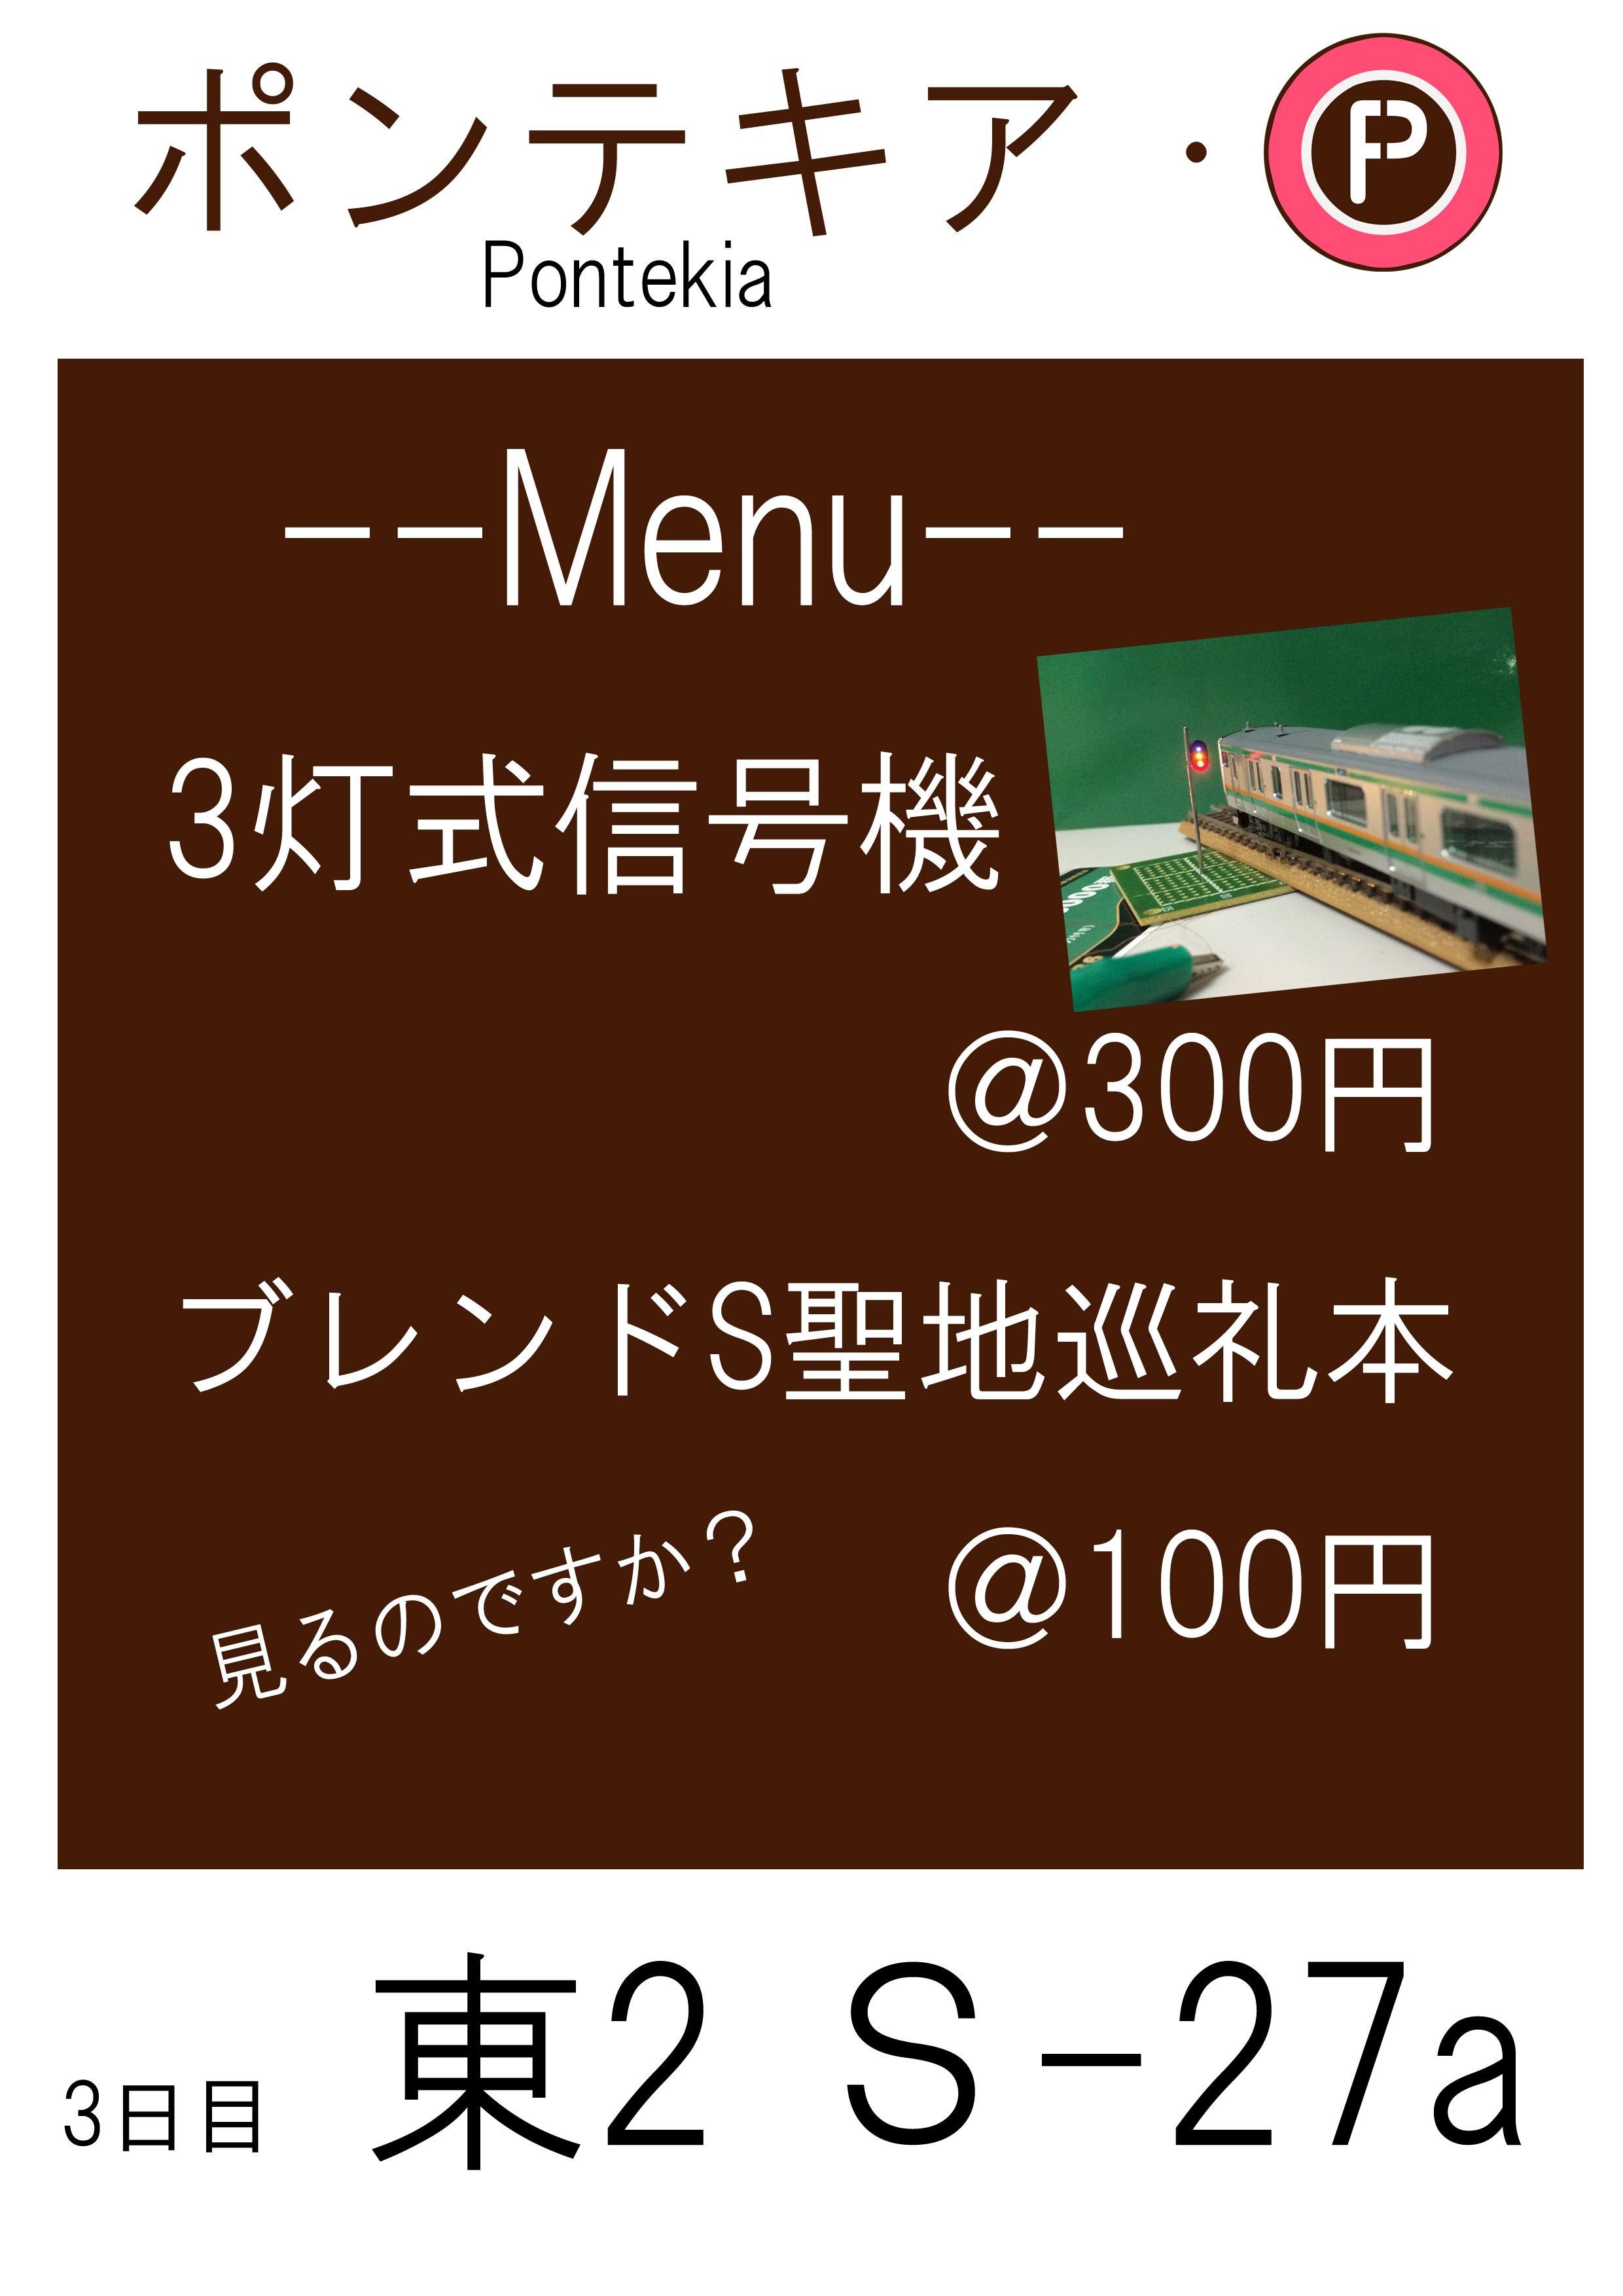 pontekia menuのコピー2